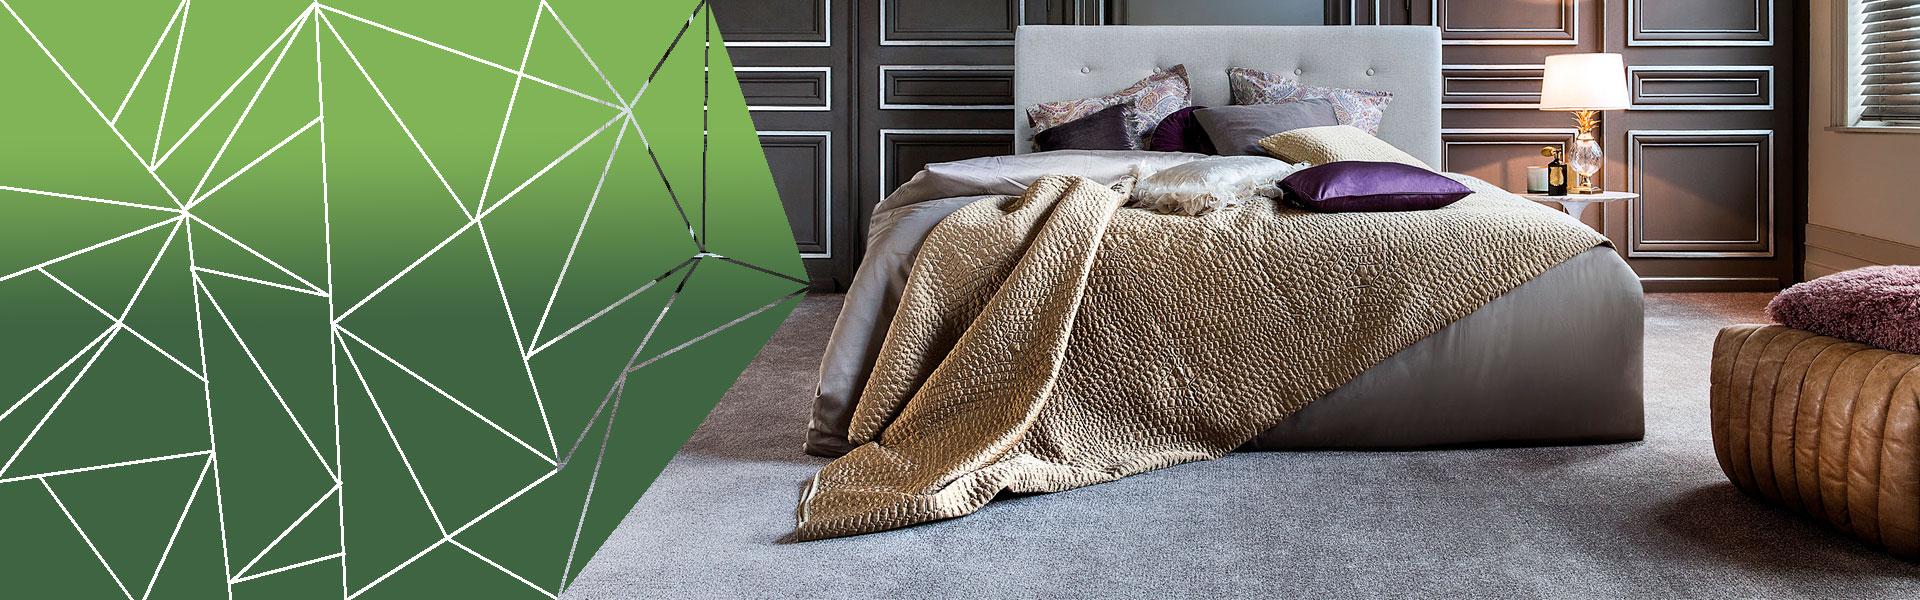 Фото - Вігмас інтернет магазин підлогових покриттів